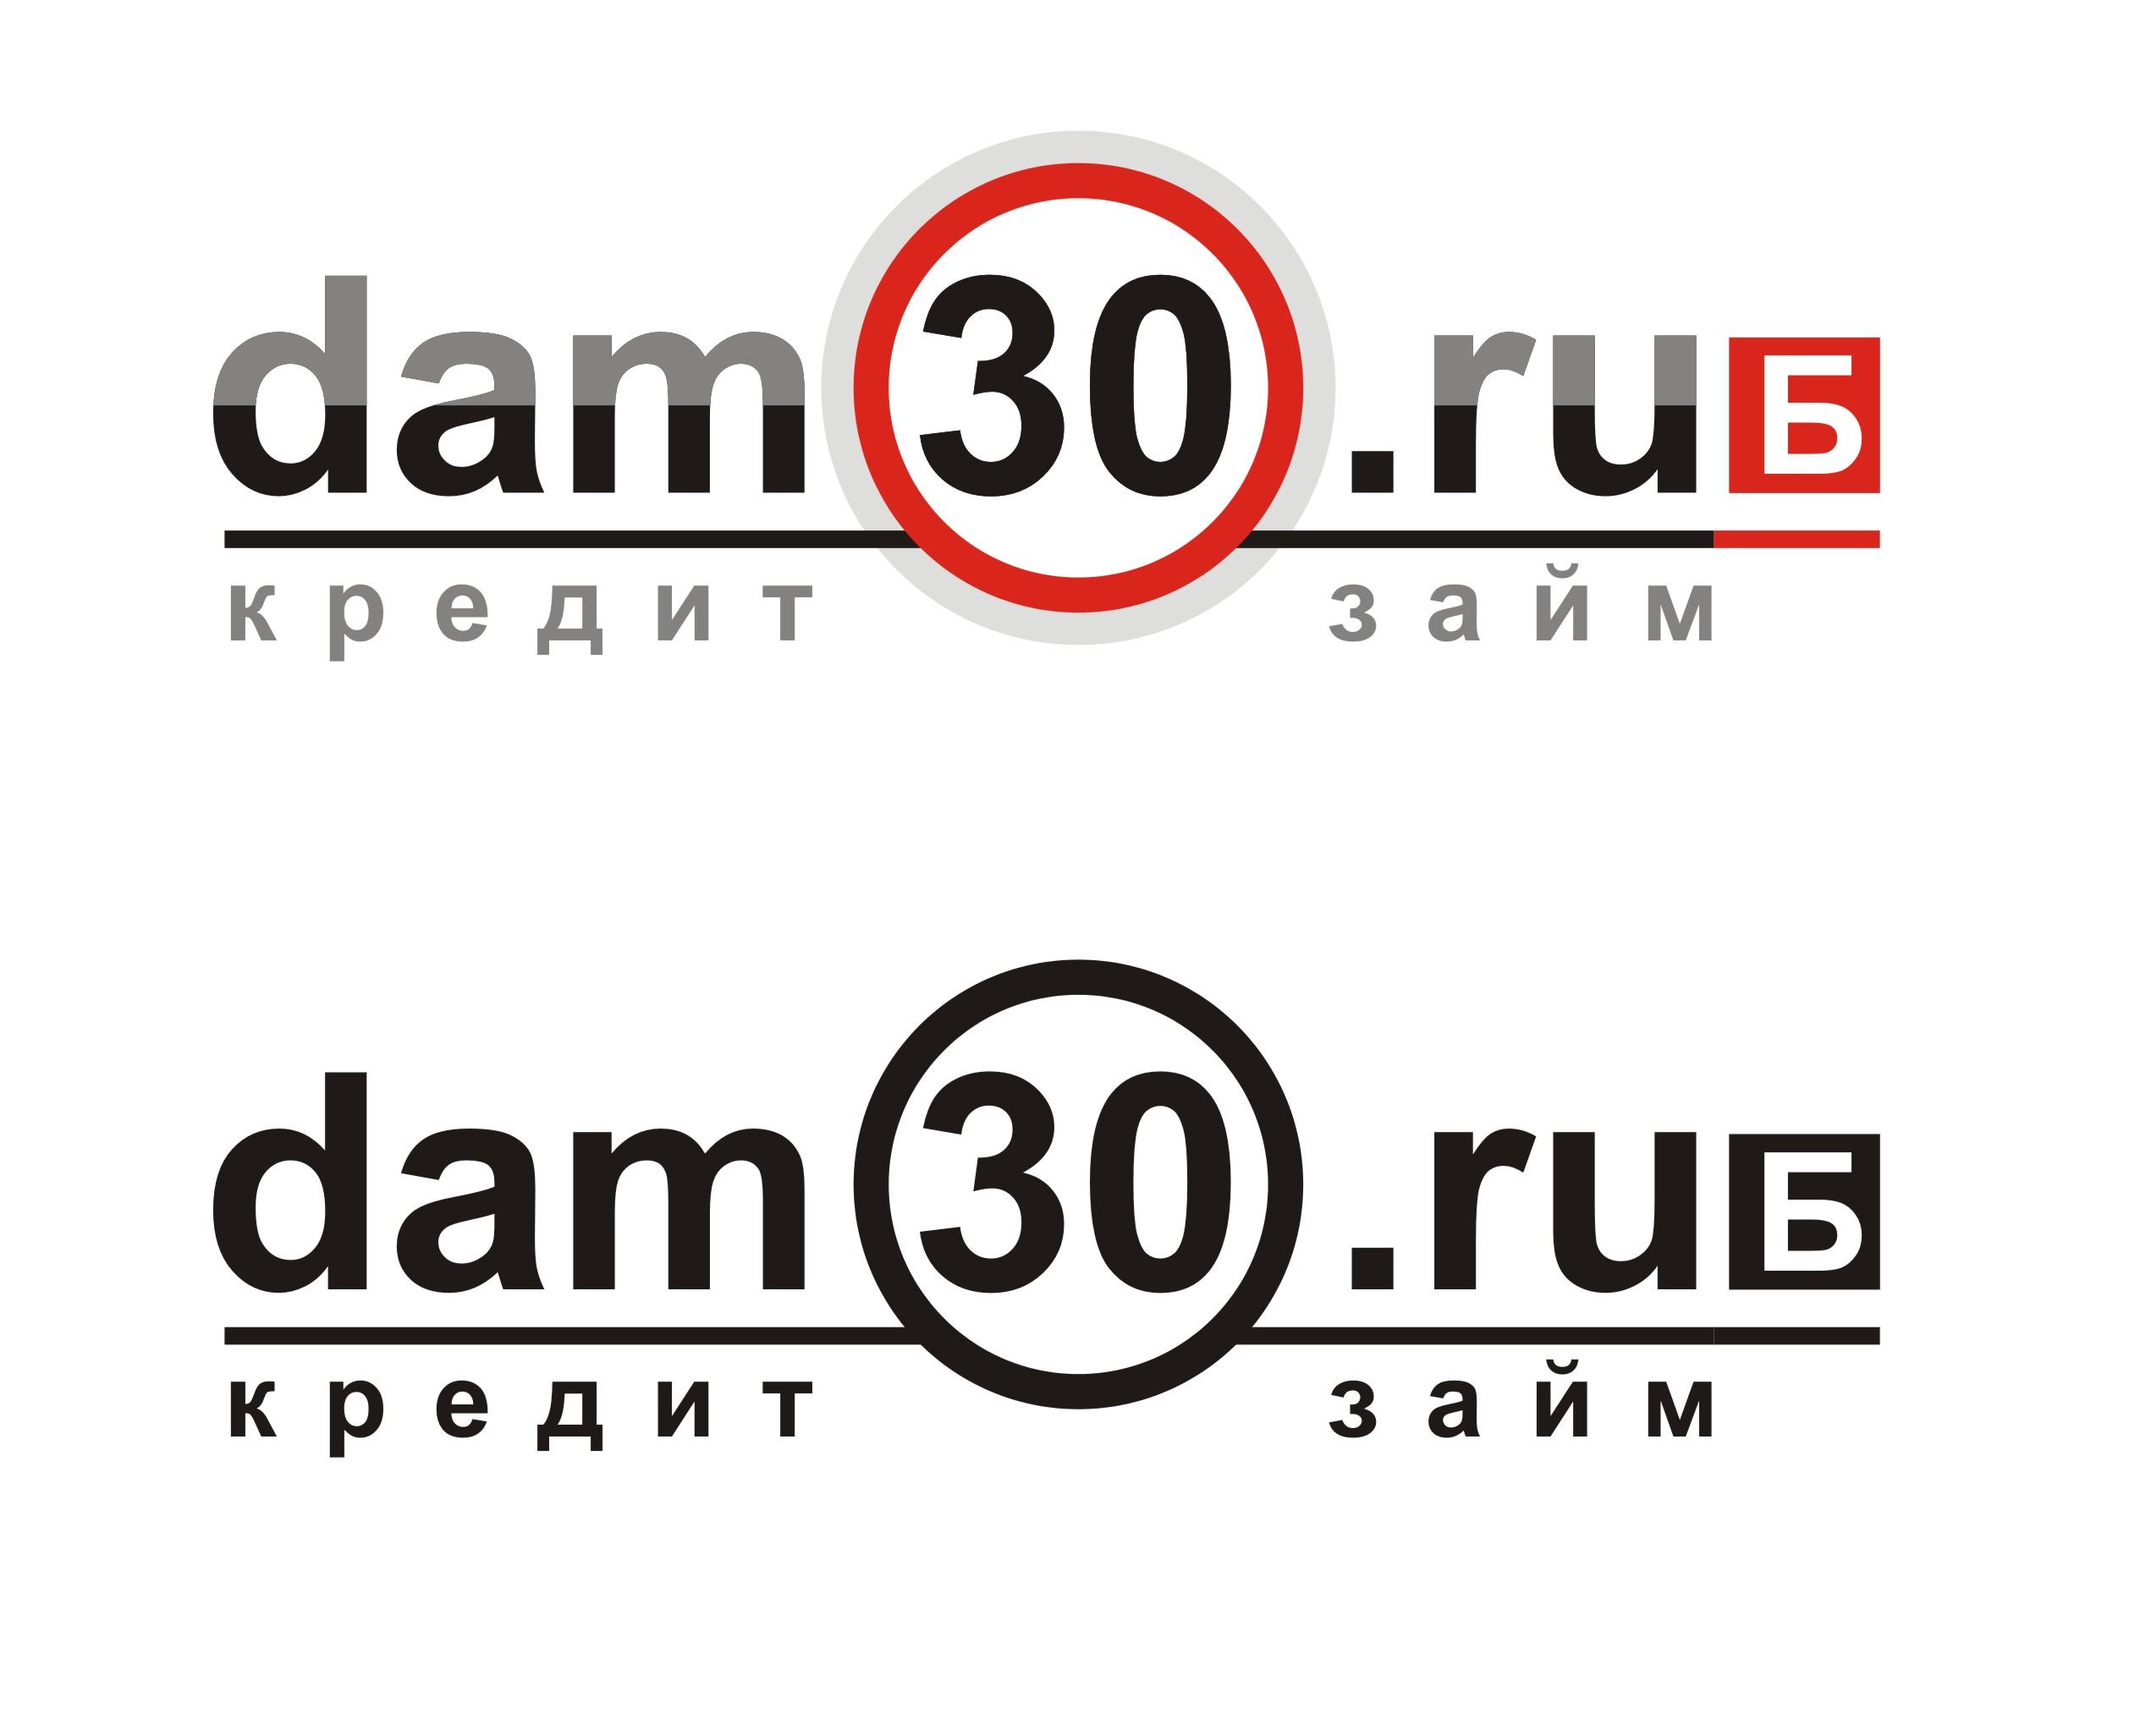 Логотип для микрокредитной, микрофинансовой компании фото f_8955a2ee5eee84b2.jpg